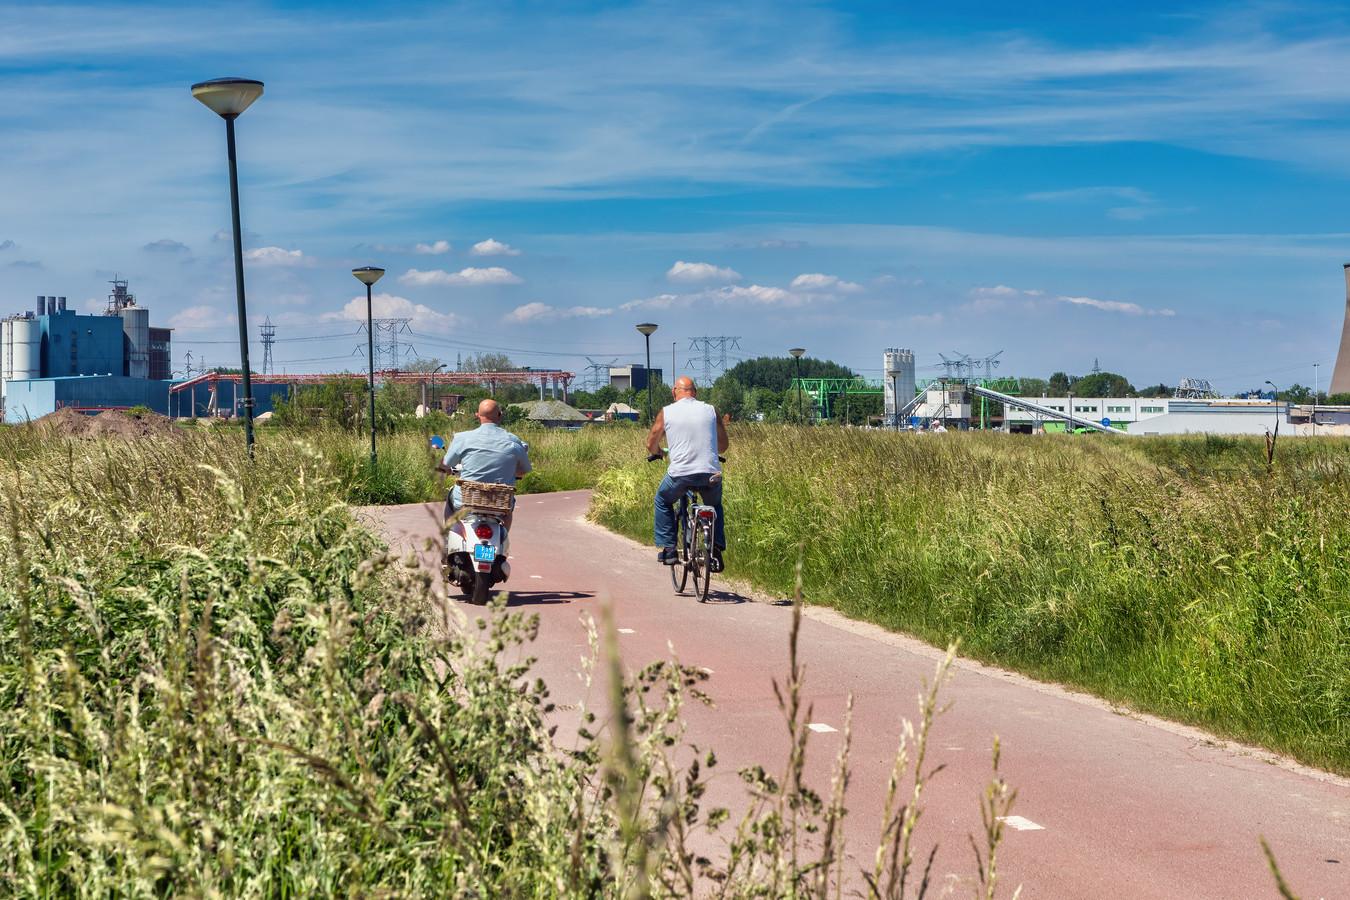 Gras op behoorlijke hoogte langs het fietspad, zoals hier op het fietspad tussen Raamsdonksveer en Geertruidenberg.